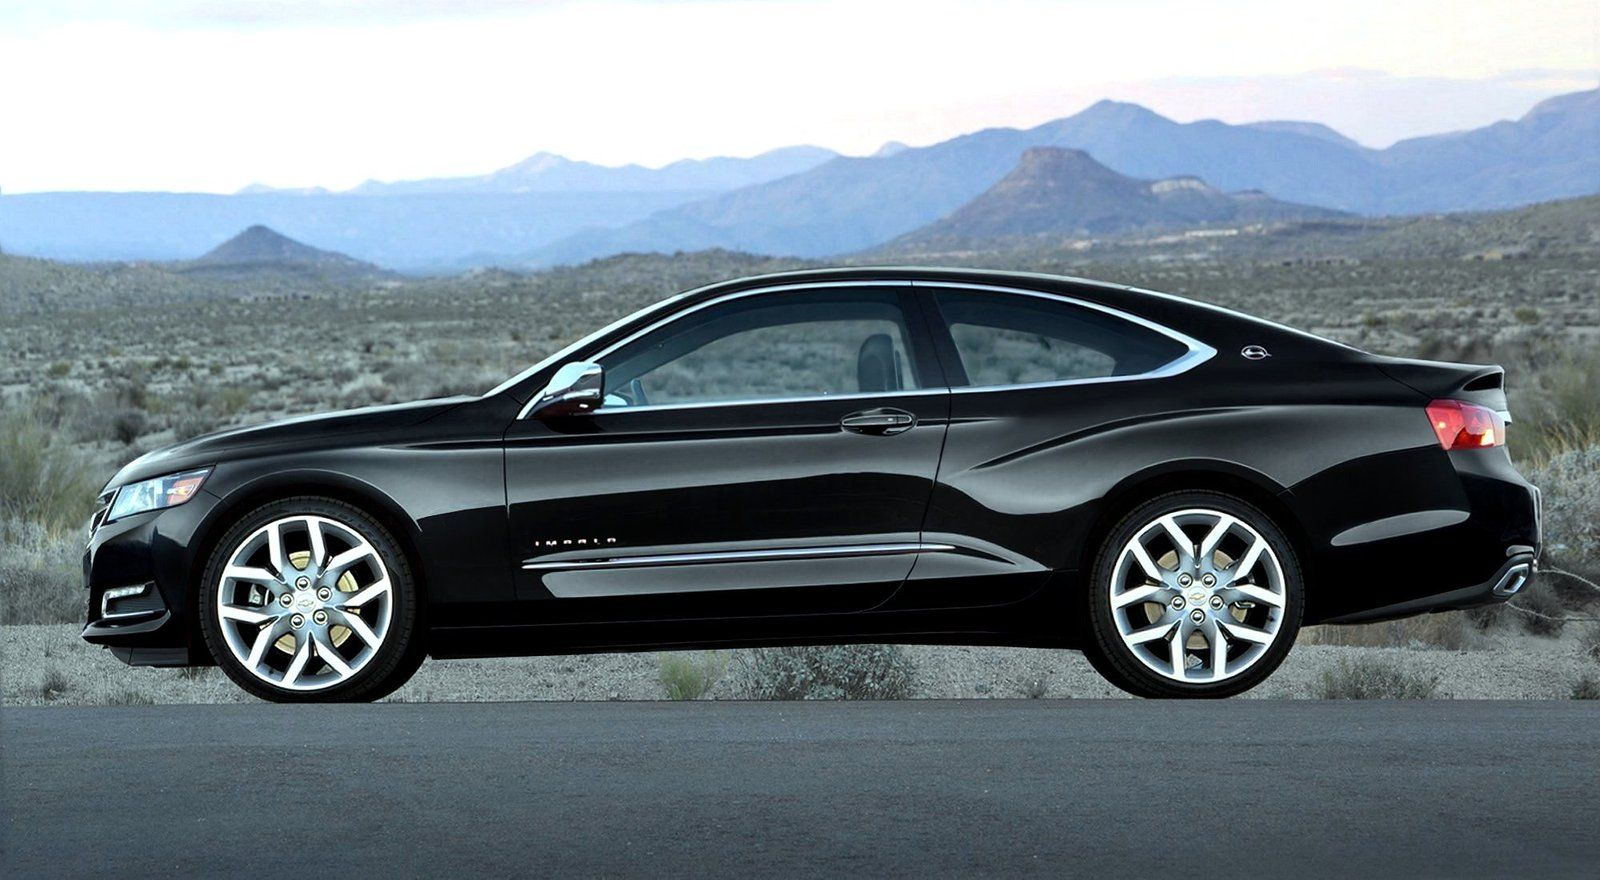 2014 Chevy Impala 2 Door Chevy Impala Chevrolet Impala Impala Ltz